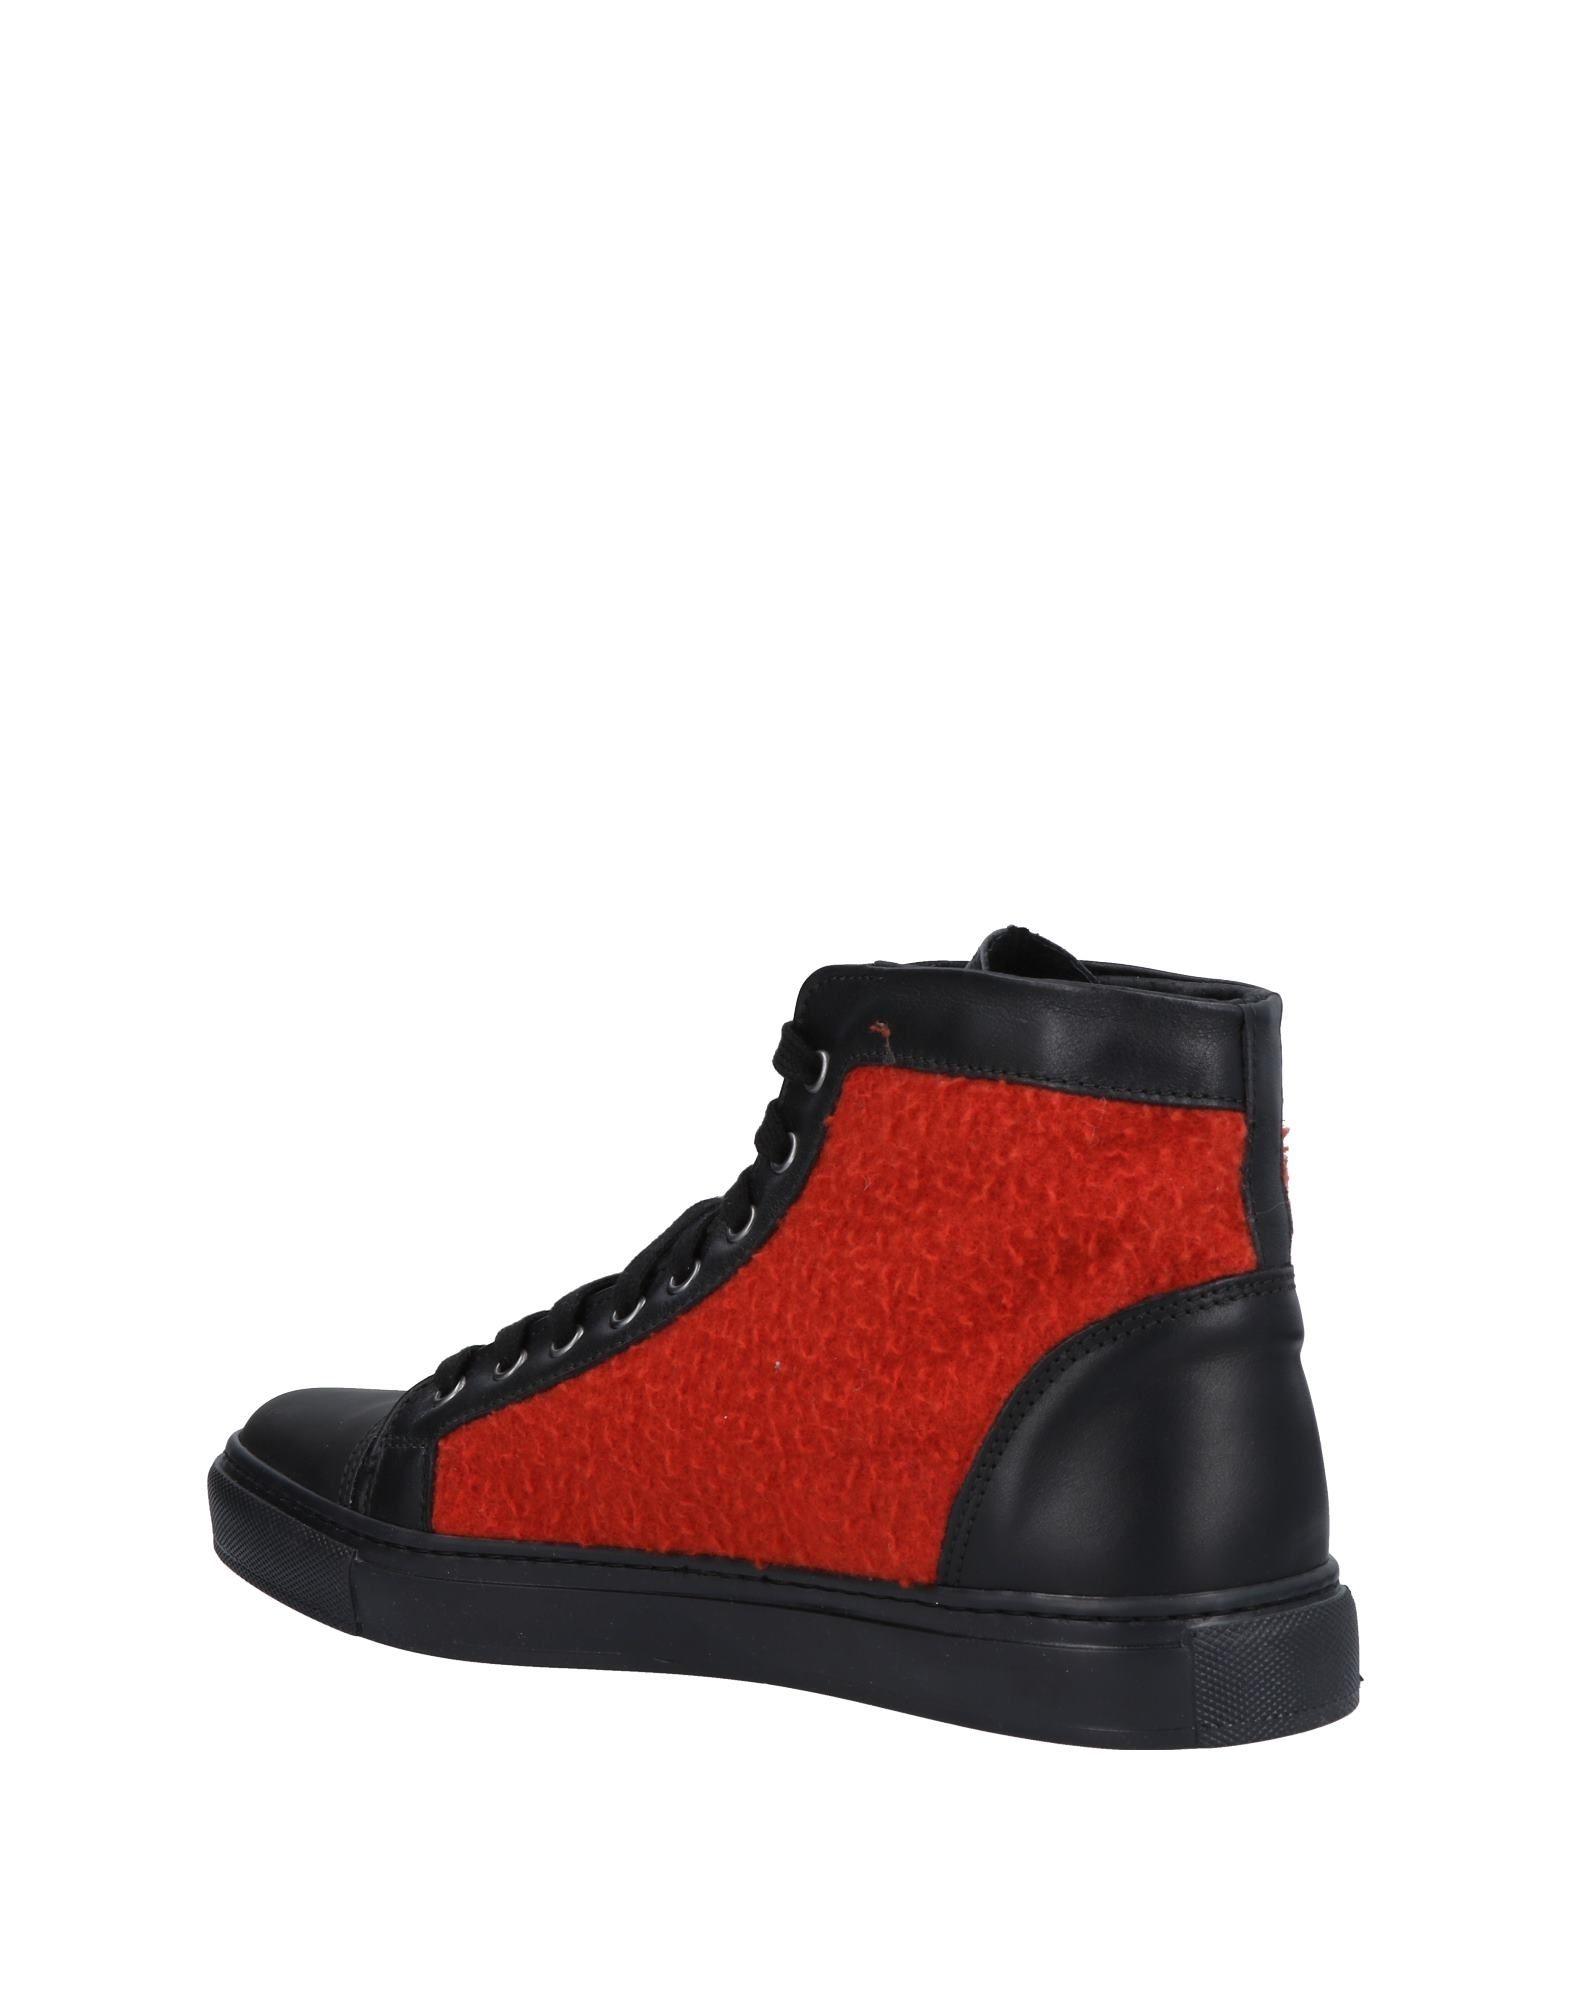 Rabatt Herren echte Schuhe Exibit Sneakers Herren Rabatt  11464905PB 7c48fe